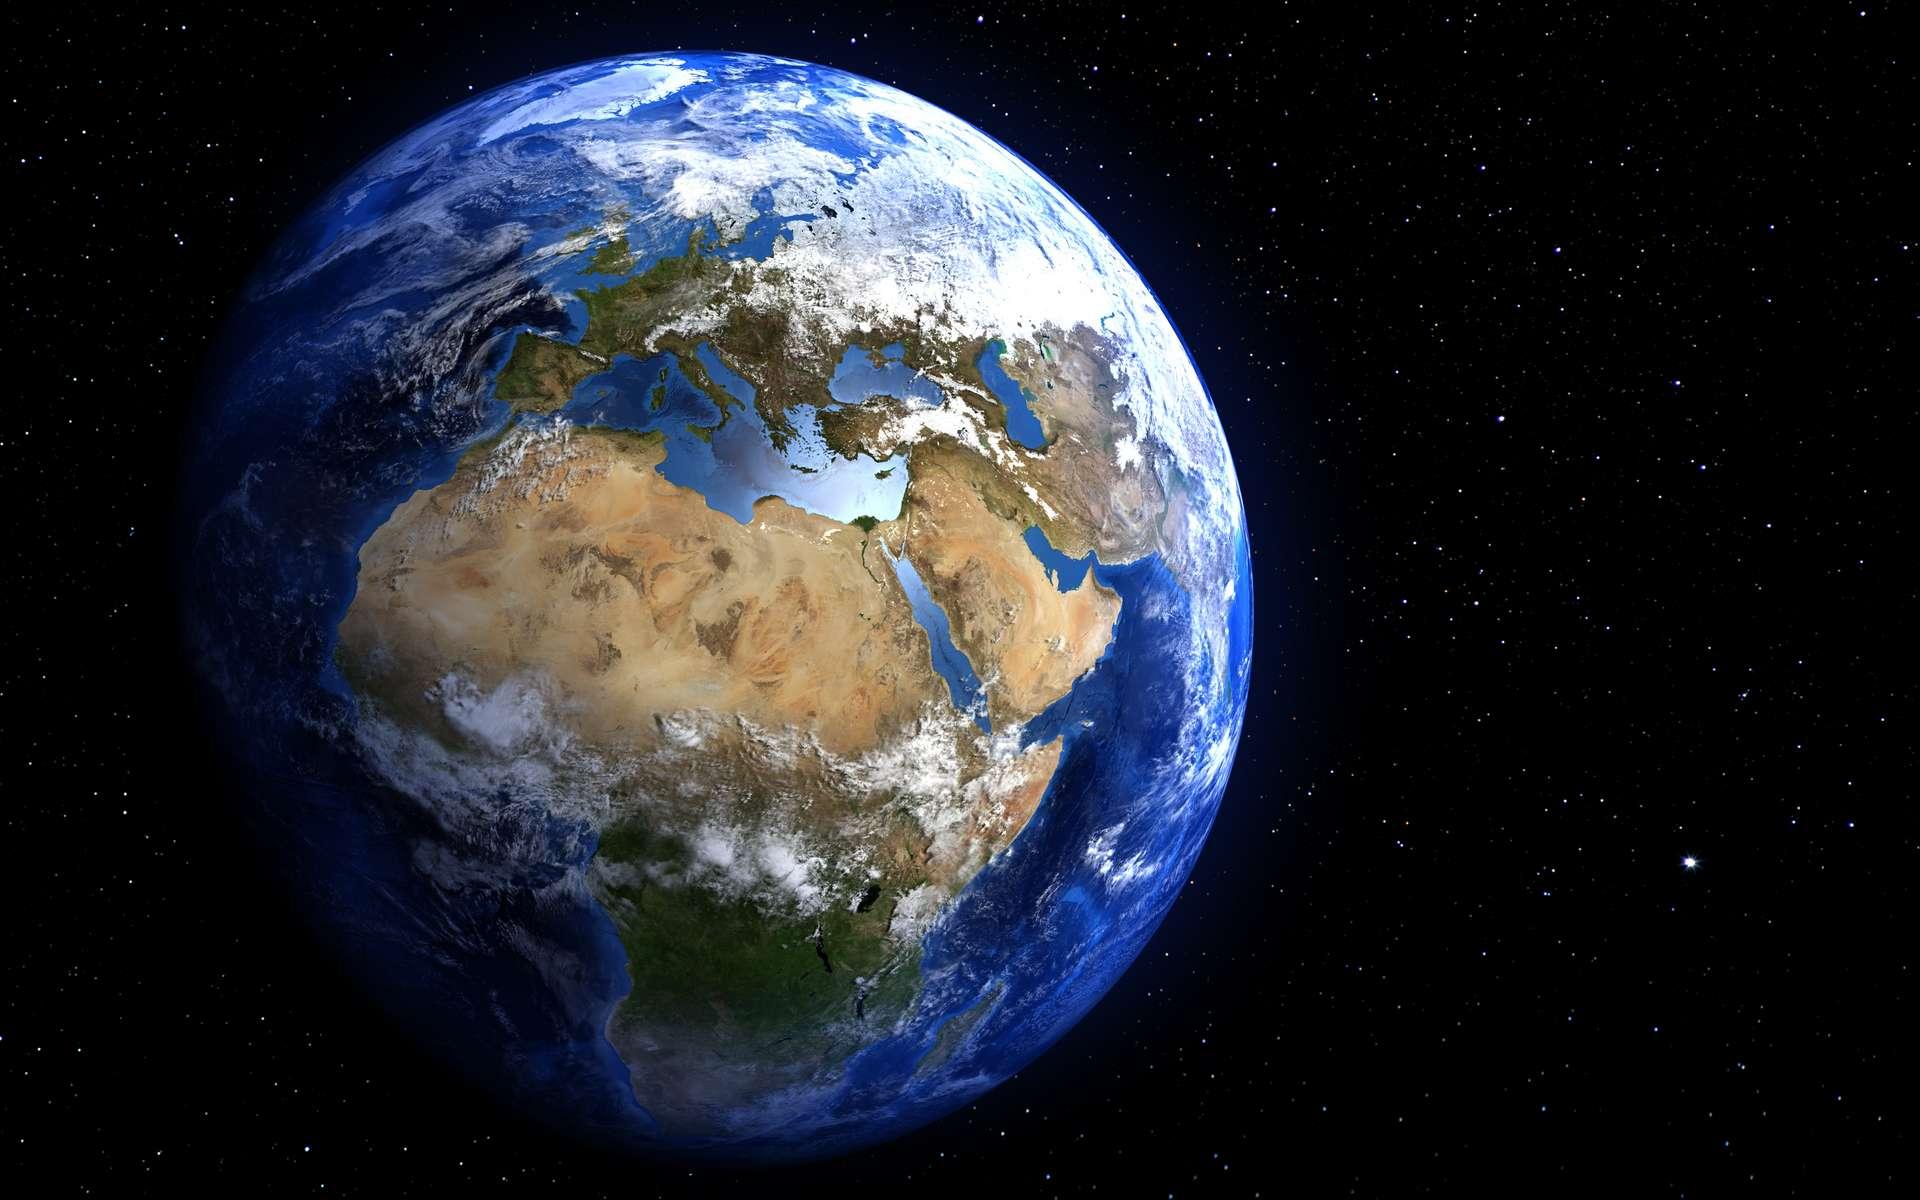 Pourquoi le champ magnétique terrestre s'inverse-t-il épisodiquement ? © marcel, Adobe Stock